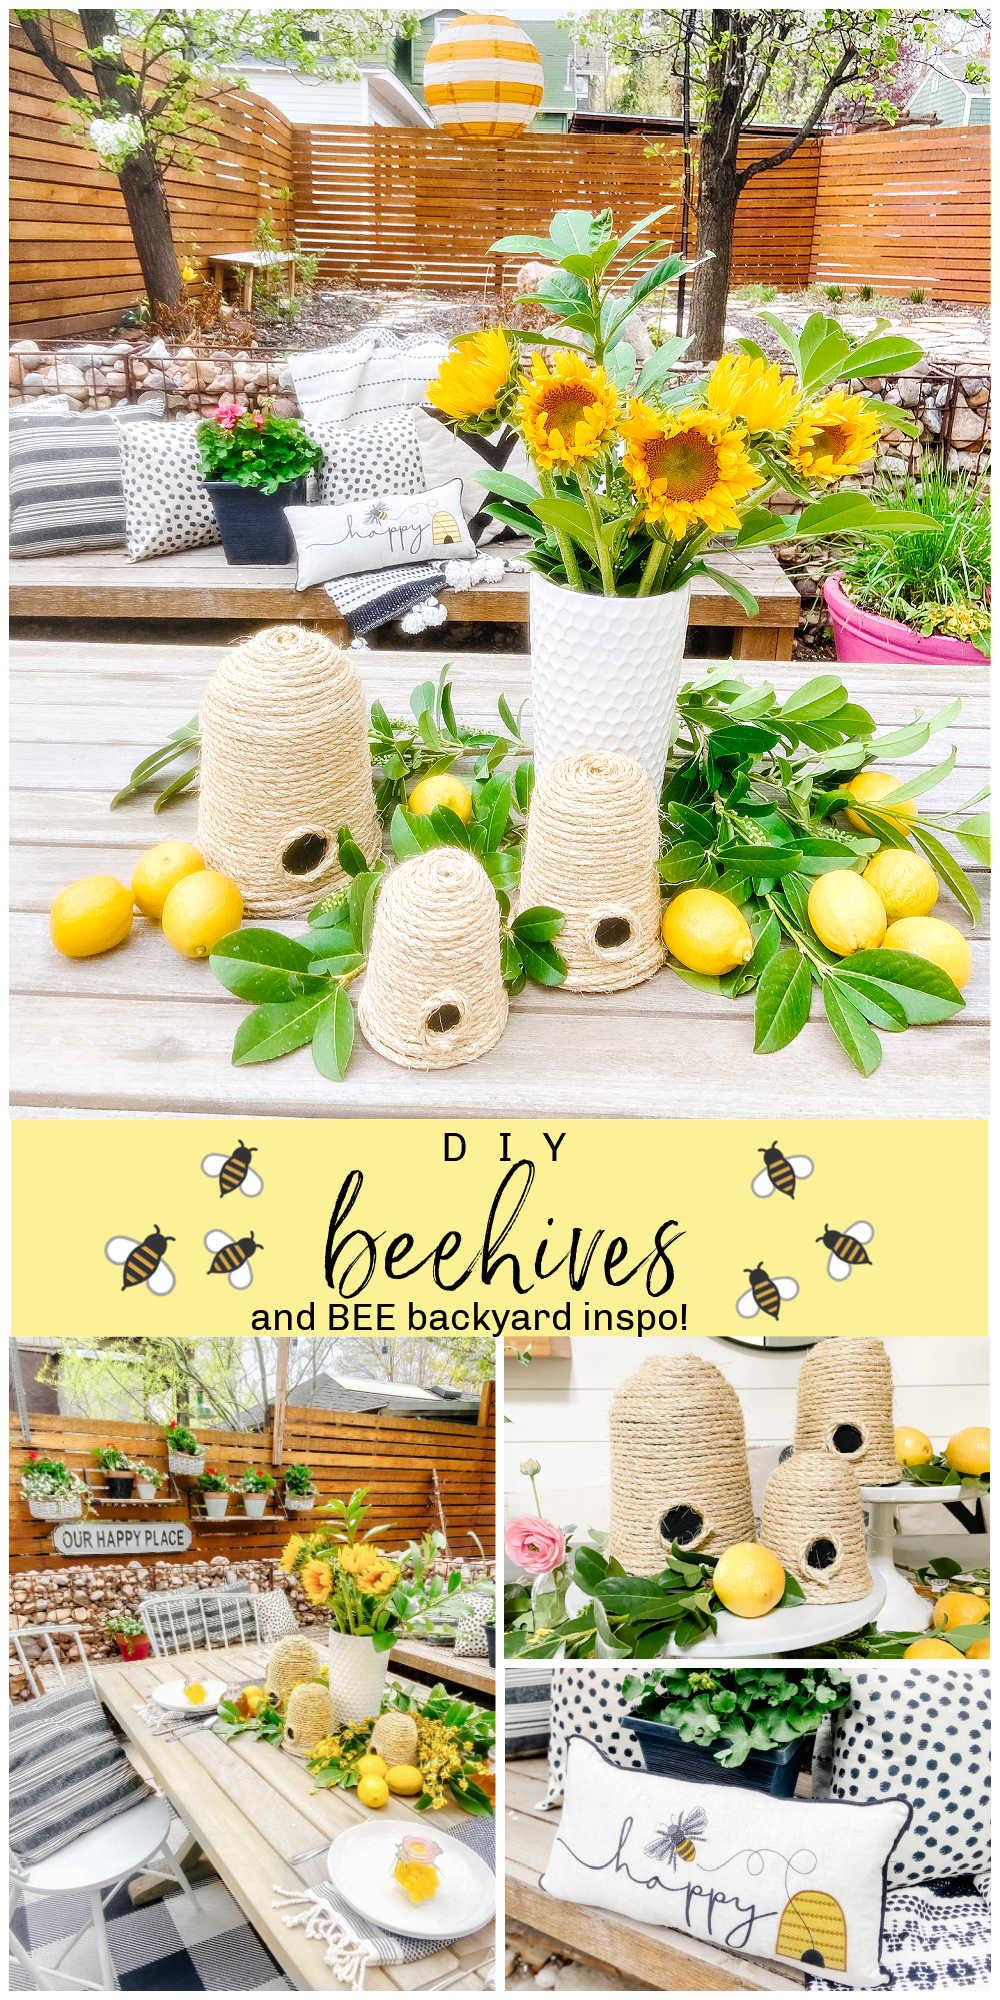 DIY Beehives and Backyard Inspo